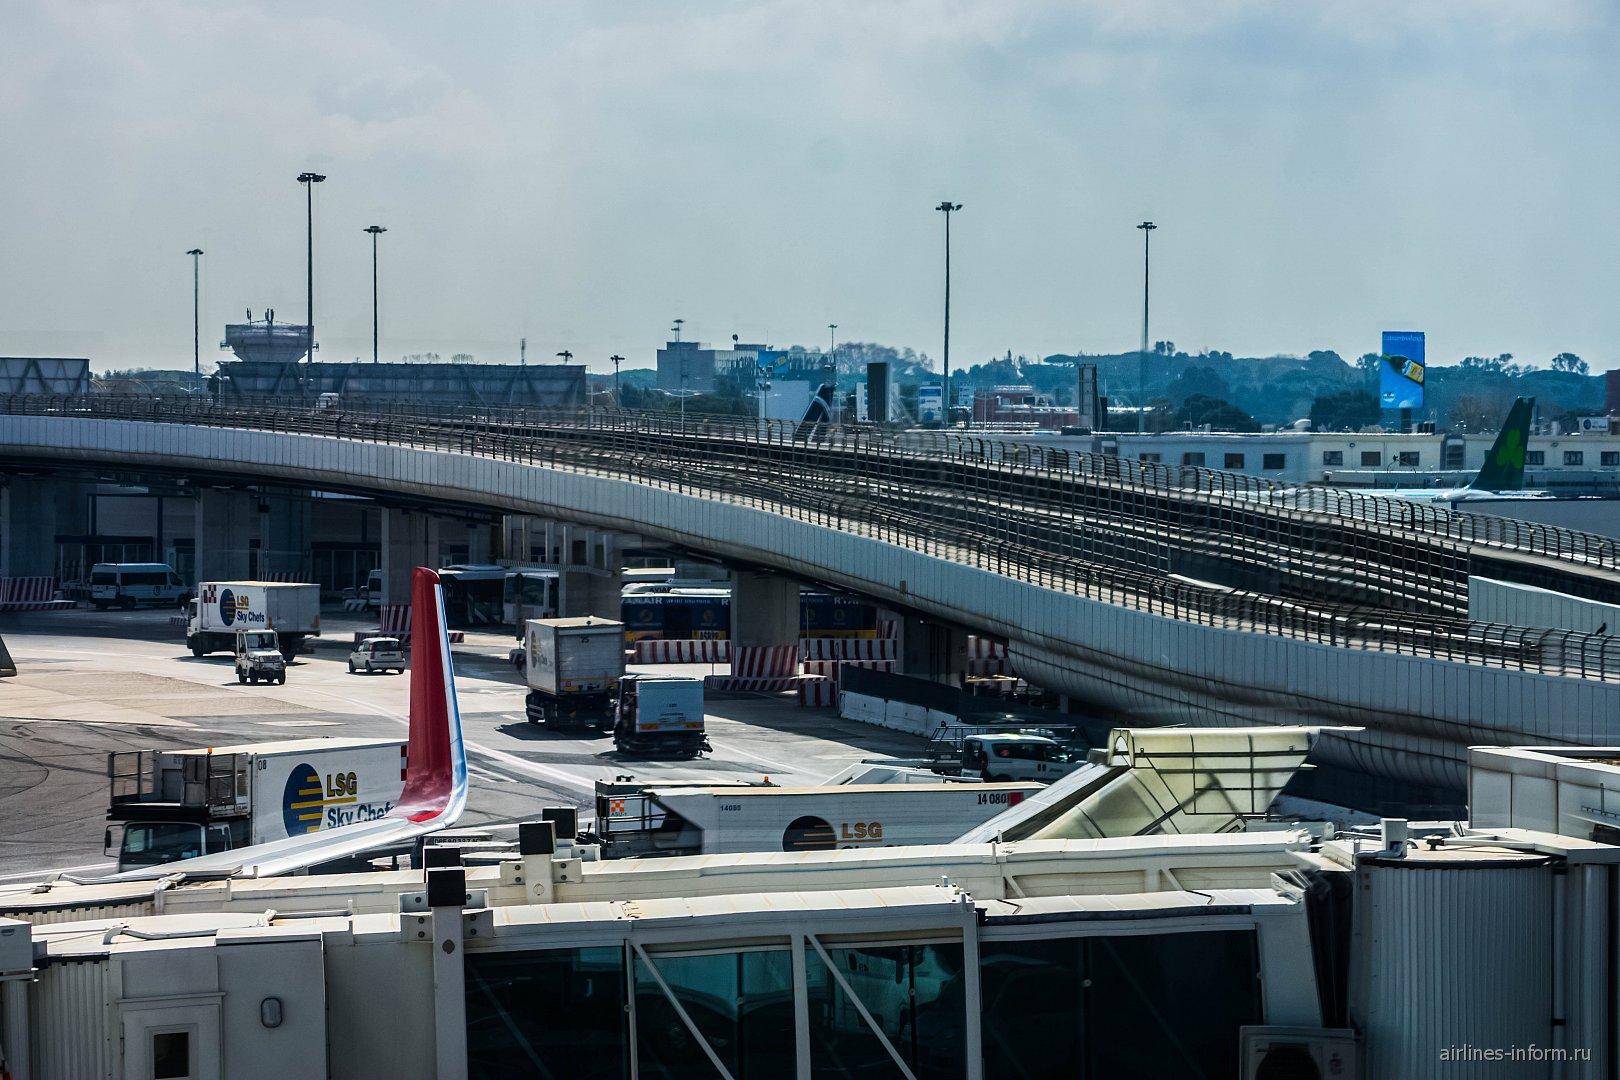 Линия пипл-мувера в аэропорту Рим Фьюмичино